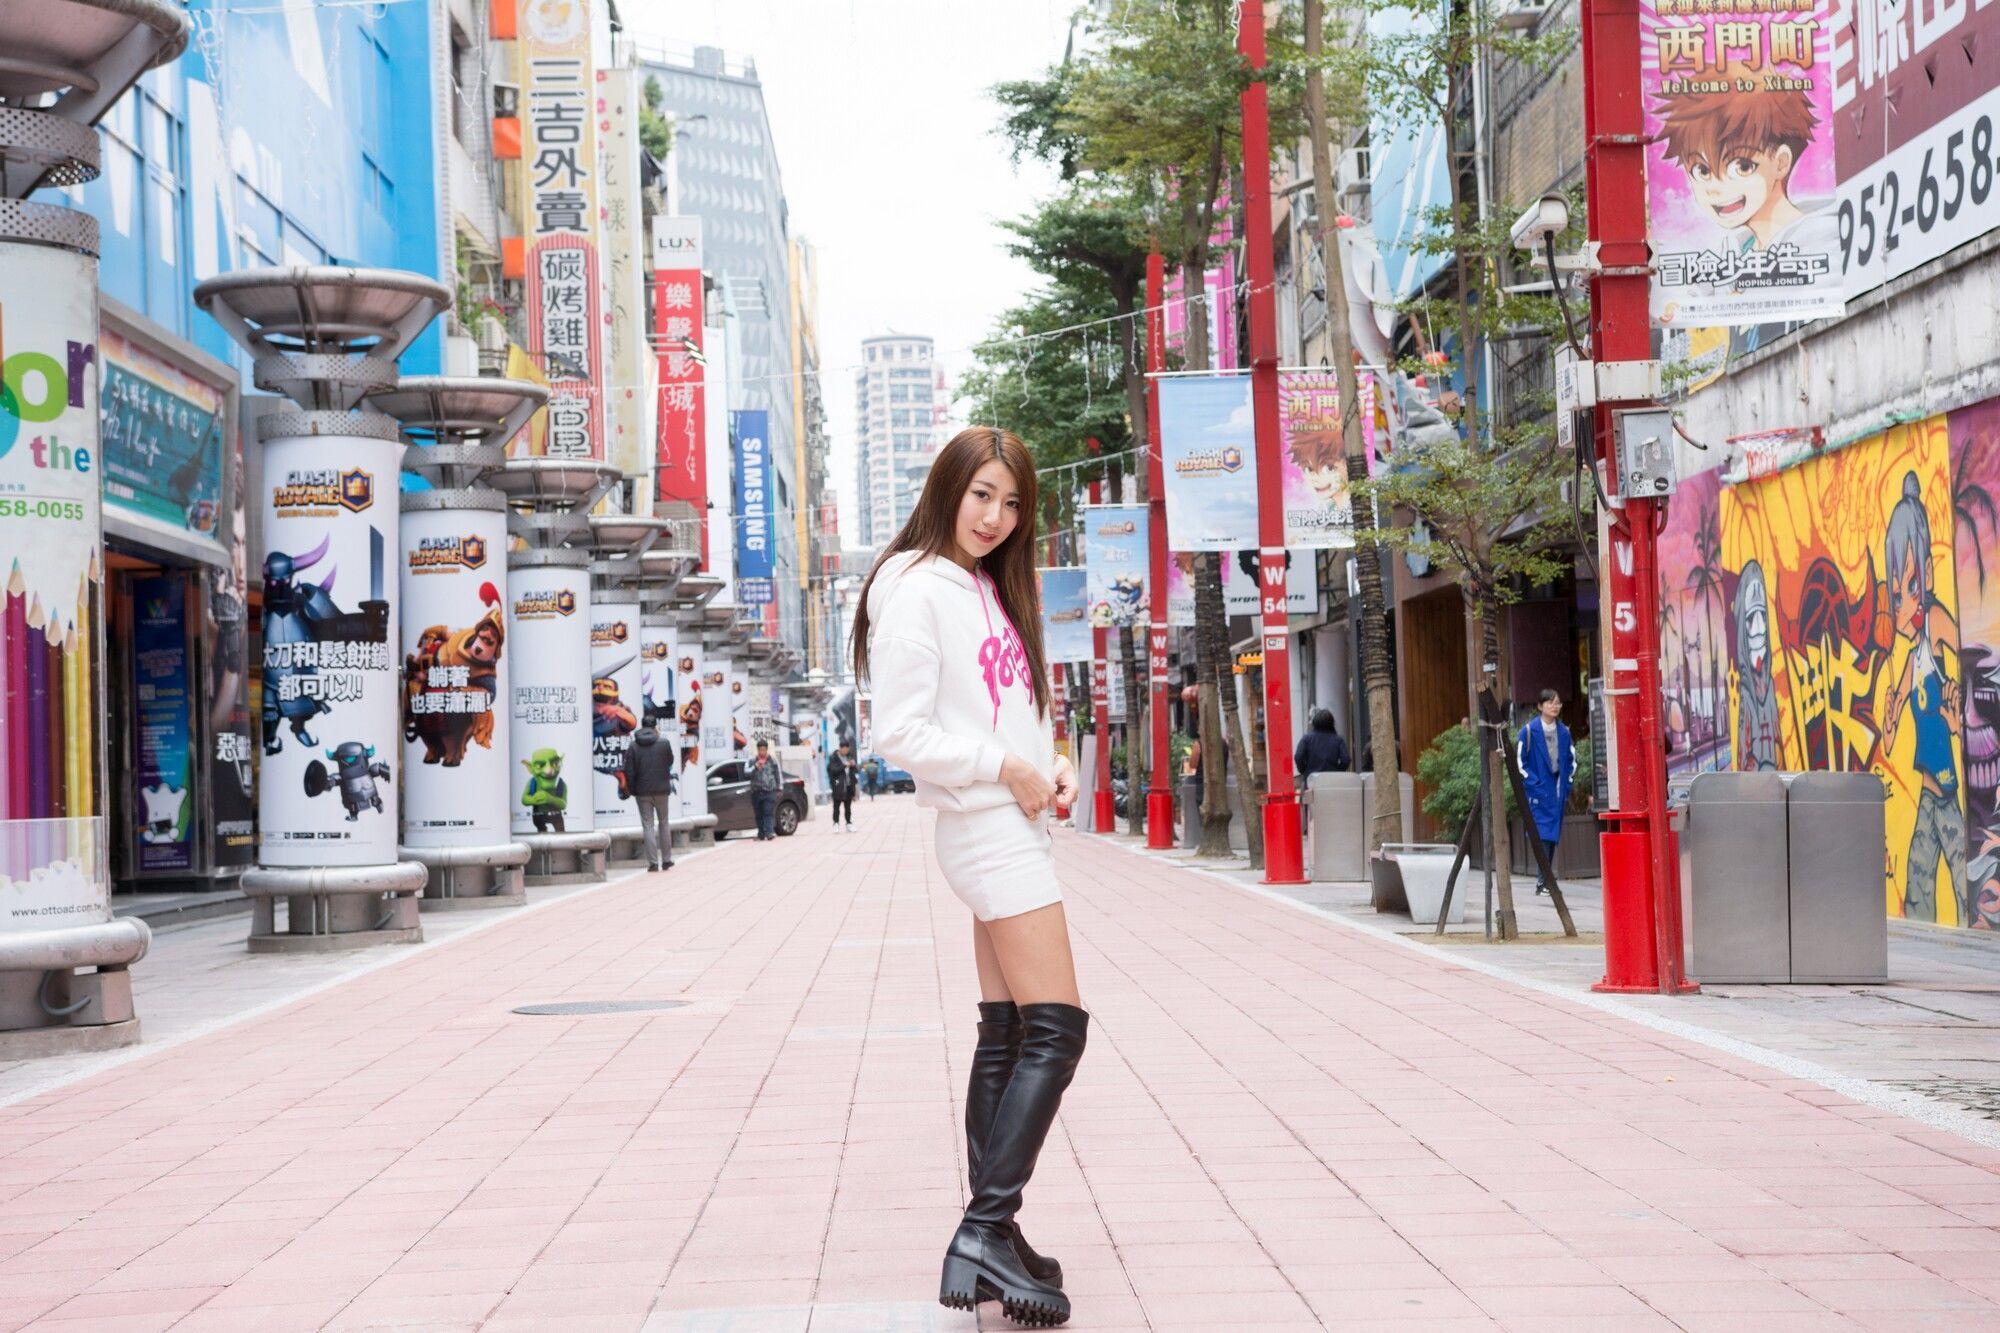 VOL.1770 [台湾正妹]长靴美女街拍美臀街拍美腿:张嘉庭(啾比特)超高清个人性感漂亮大图(70P)